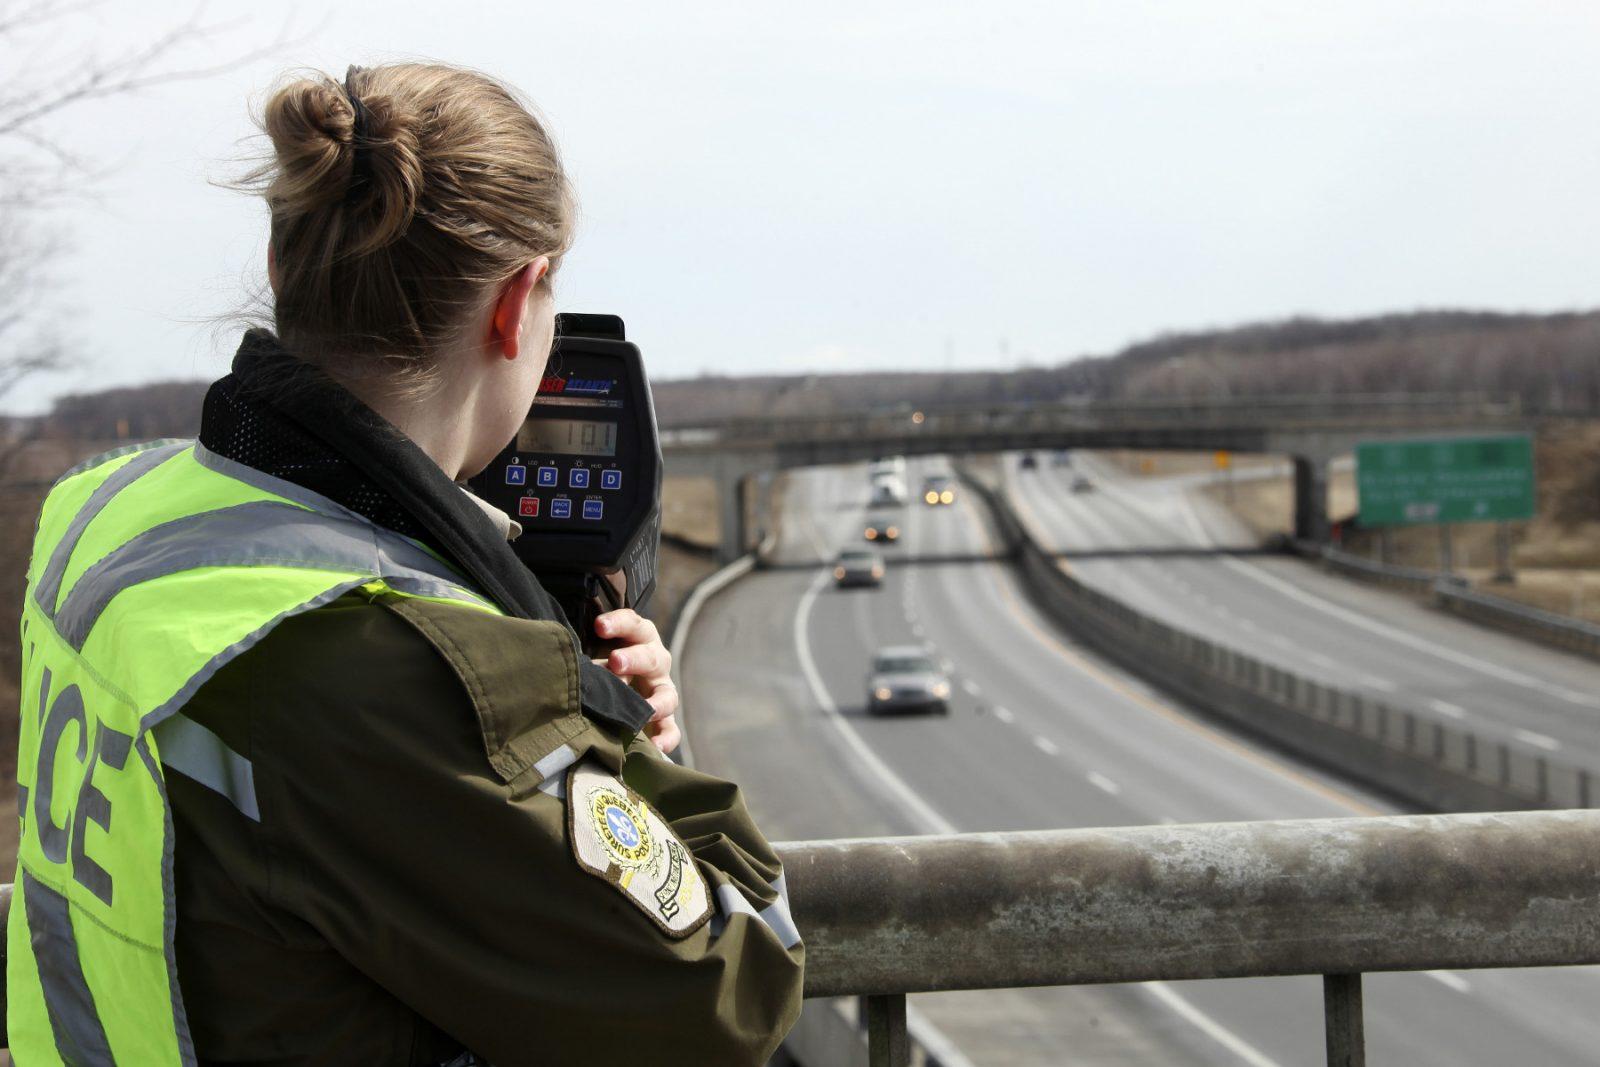 Un apprenti motocycliste intercepté à 180 km/h sur l'autoroute